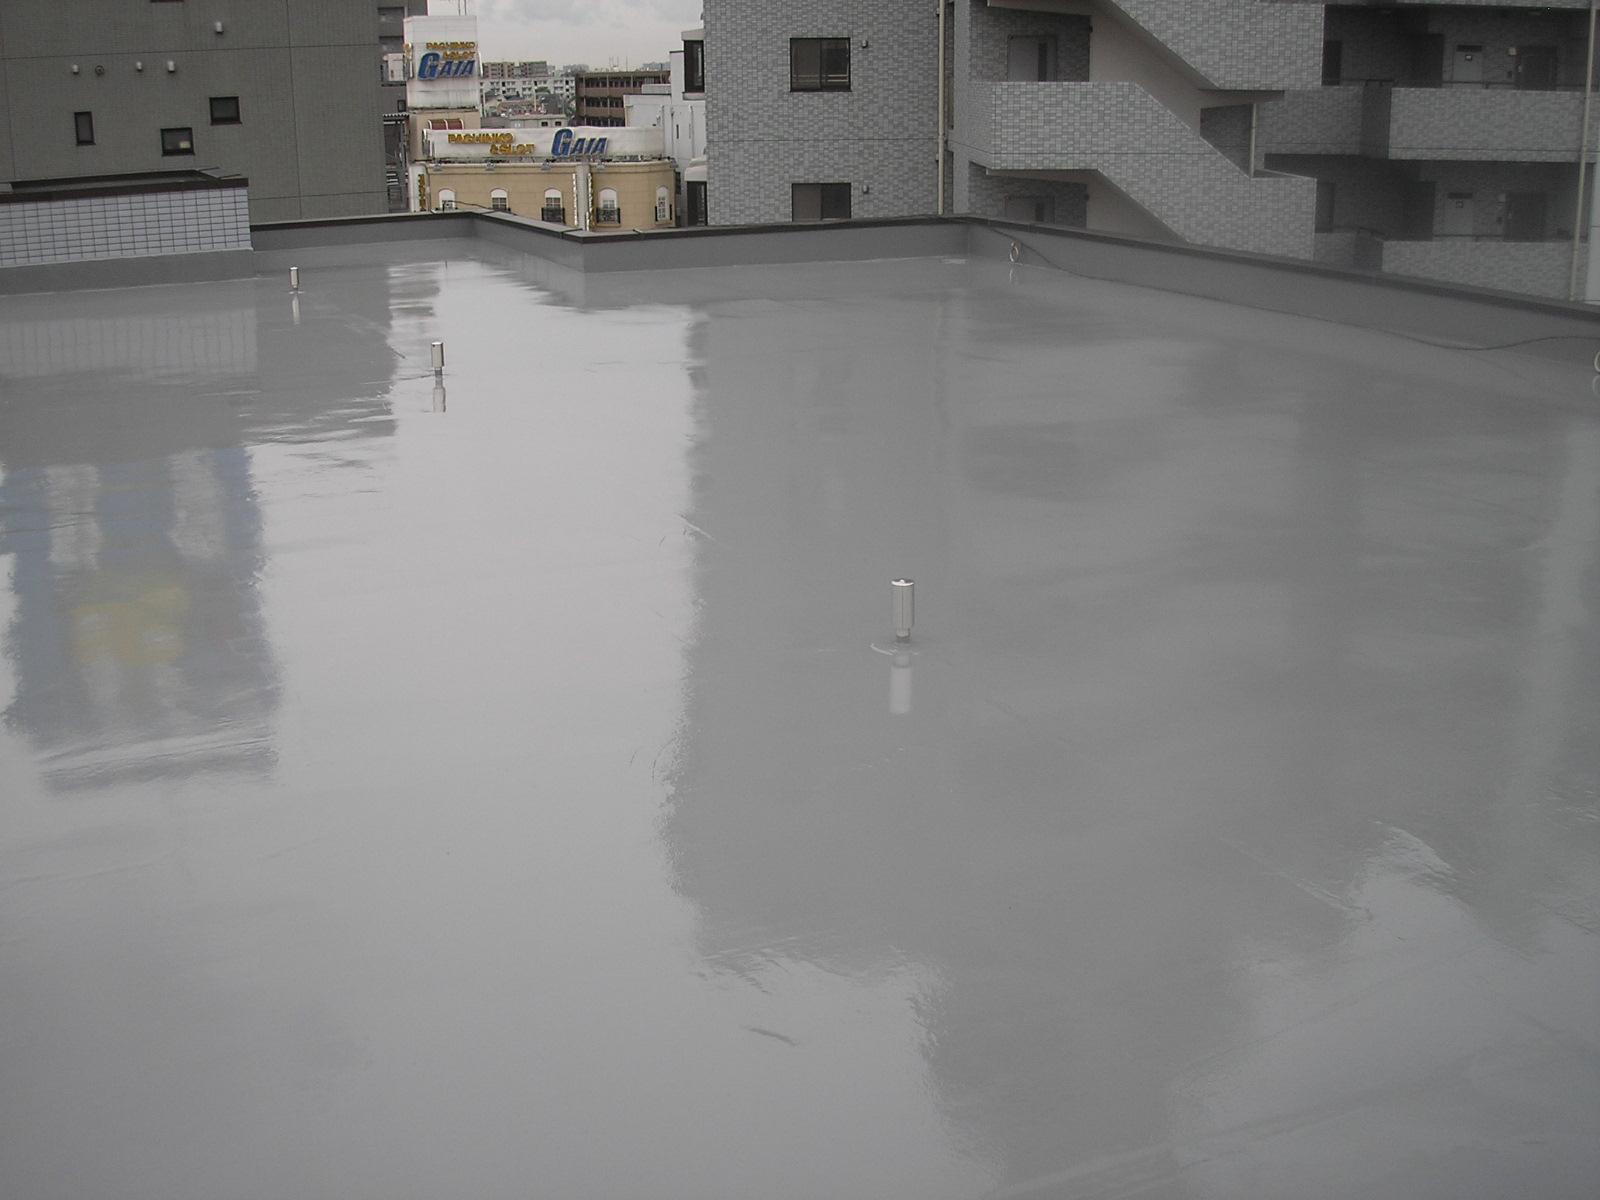 ウレタン防水通気緩衝工法です。